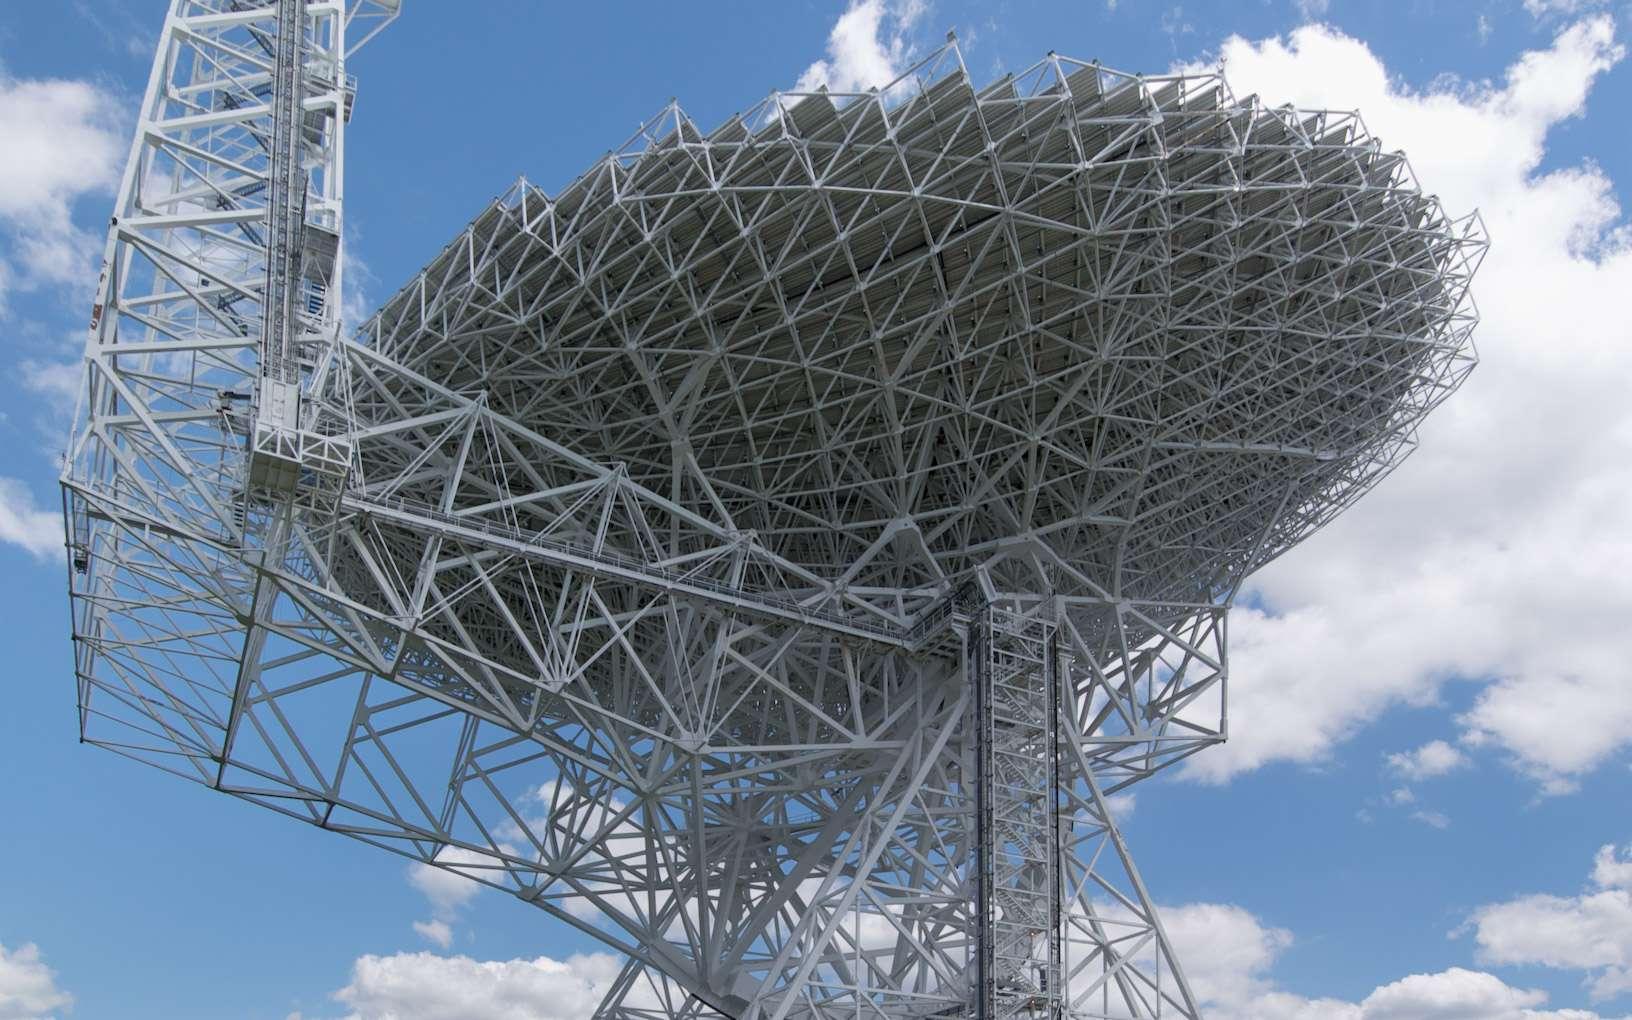 Le Green Bank Telescope (GBT) est le plus grand radiotélescope orientable du monde. Ses équipements font partie du réseau du National Radio Astronomy Observatory (NRAO) et se situent à Green Bank en Virginie-Occidentale, aux États-Unis. © Green Bank, NRAO